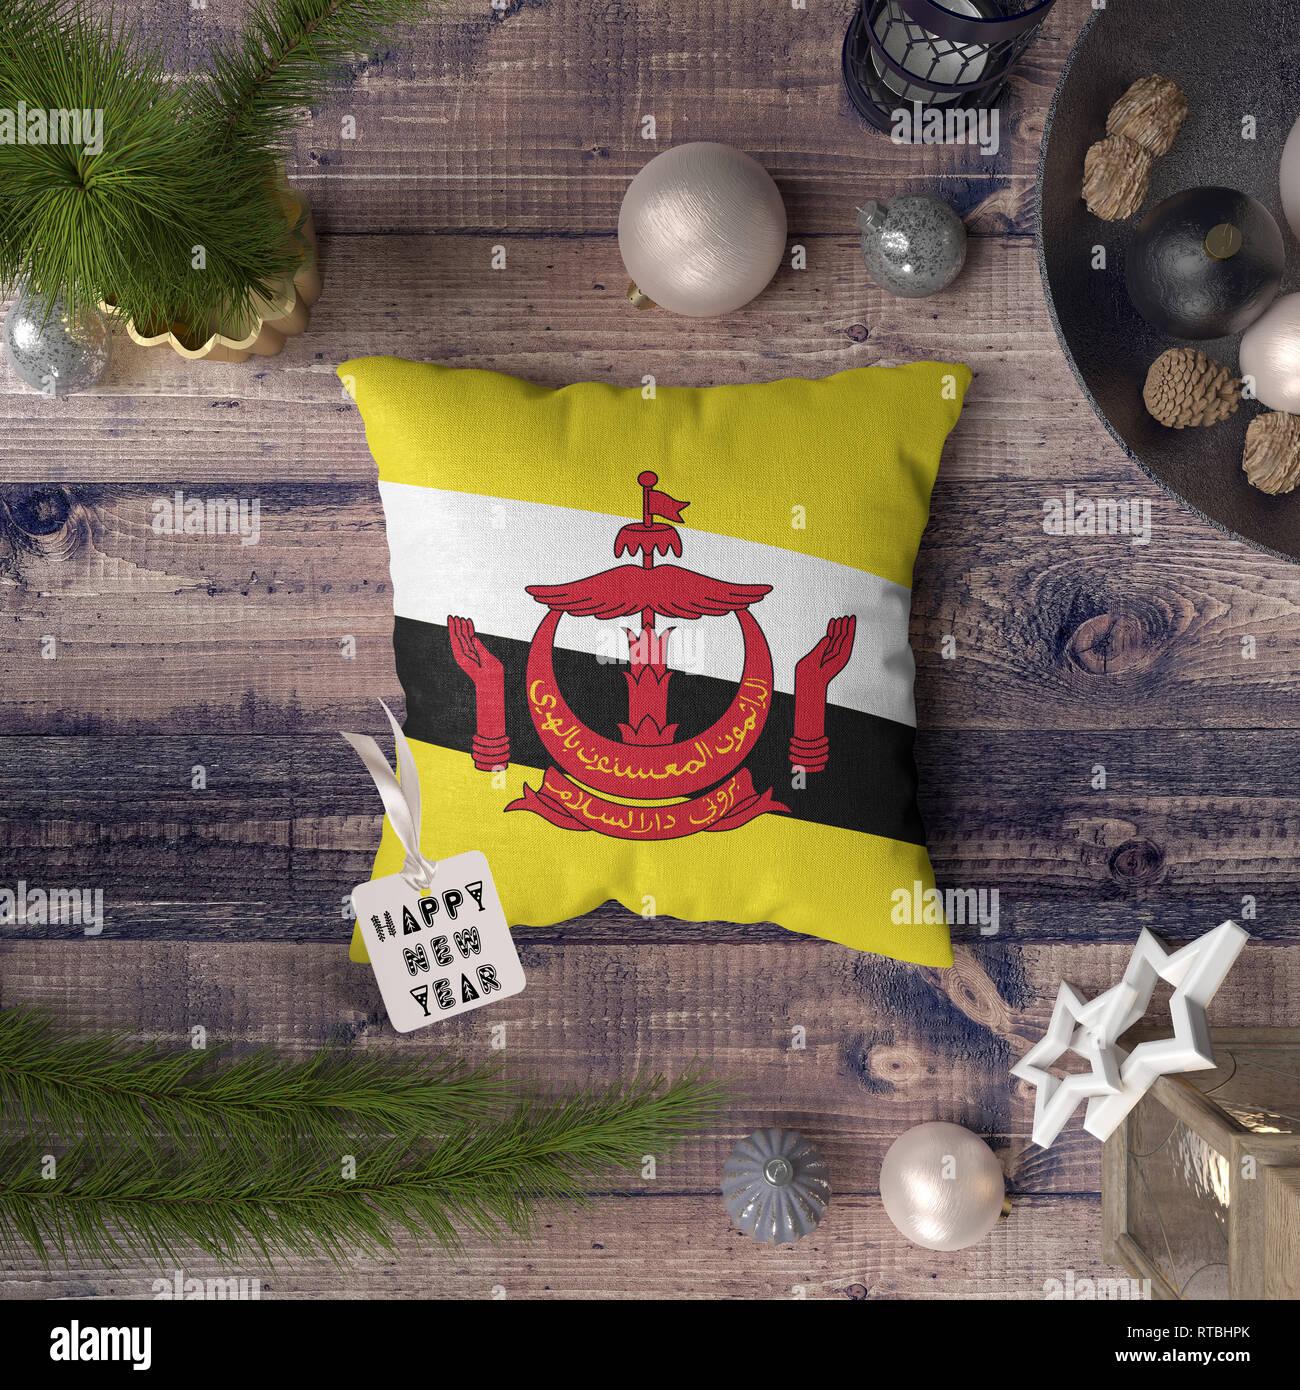 Felice Anno Nuovo tag con il Brunei bandiera sul cuscino. Decorazione di Natale concetto sul tavolo di legno con incantevoli oggetti. Immagini Stock